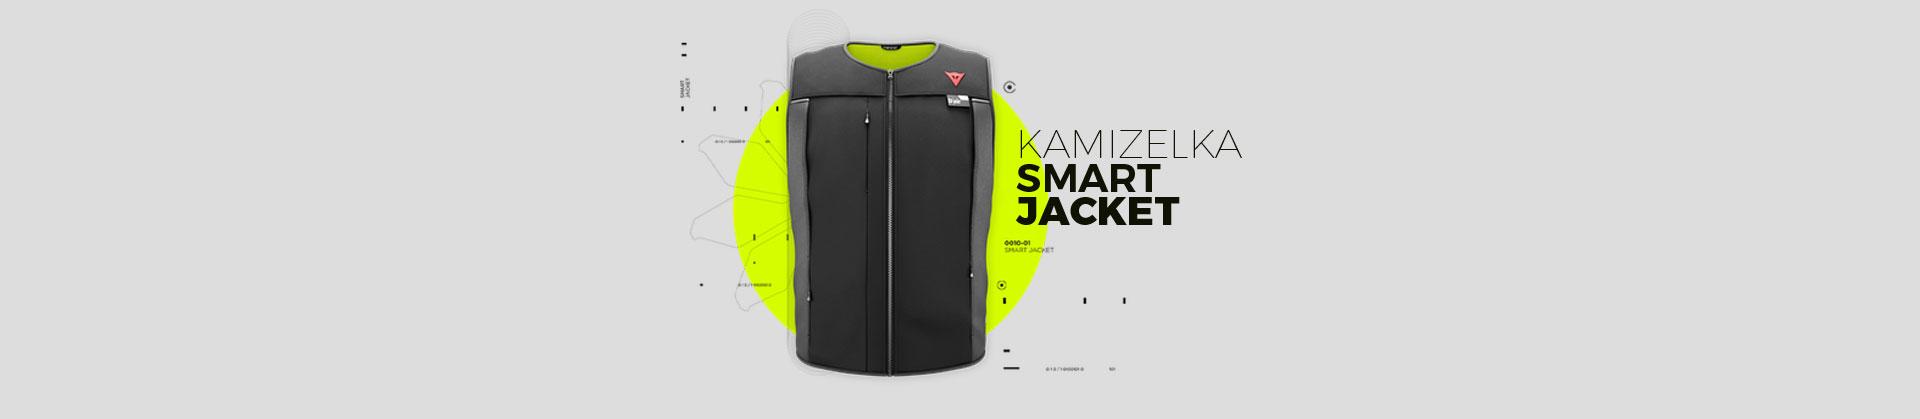 smartjacket_header.jpg